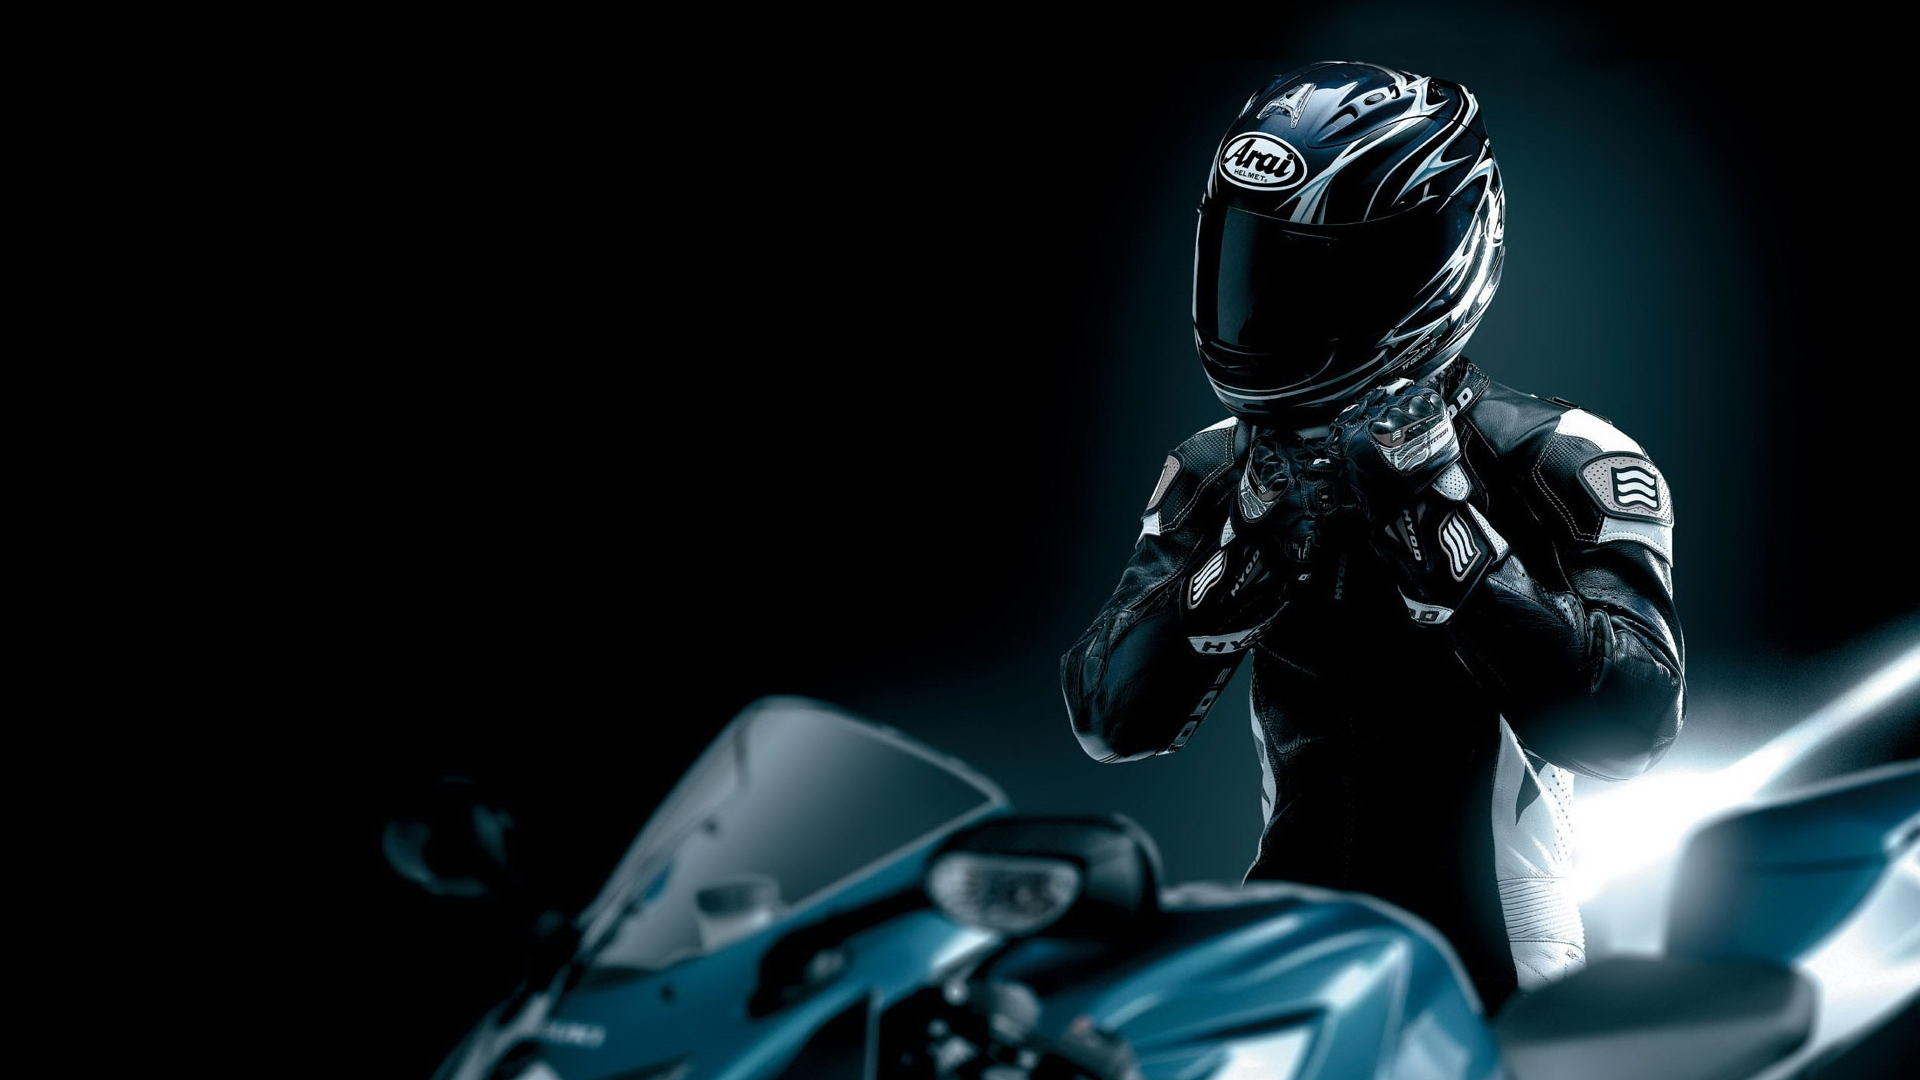 racer_black_motorcycle_helmet_2802_1920x1080